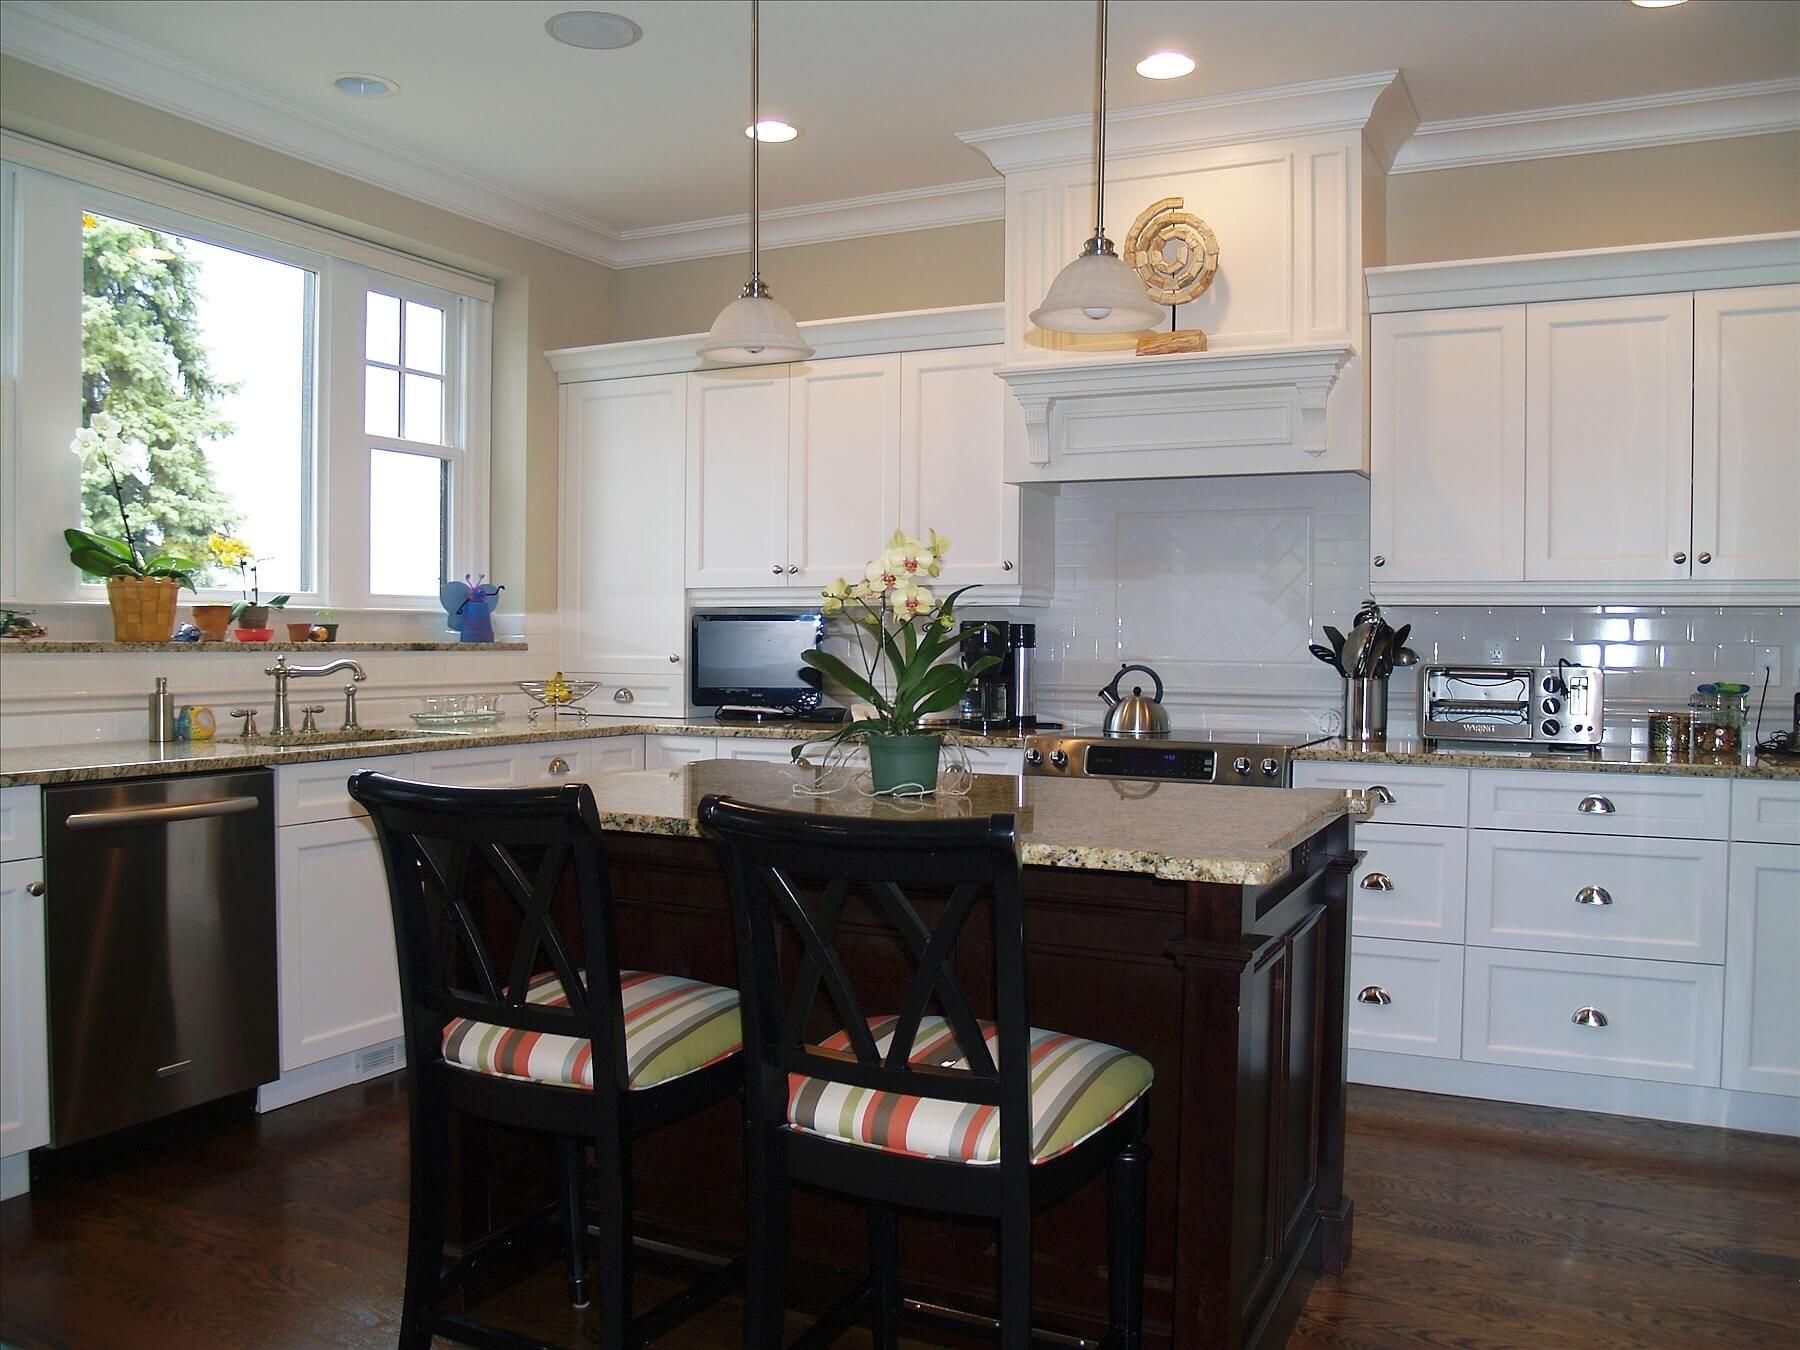 Kitchens - Acorn Kitchen & Bath Distributors | Kitchen ...